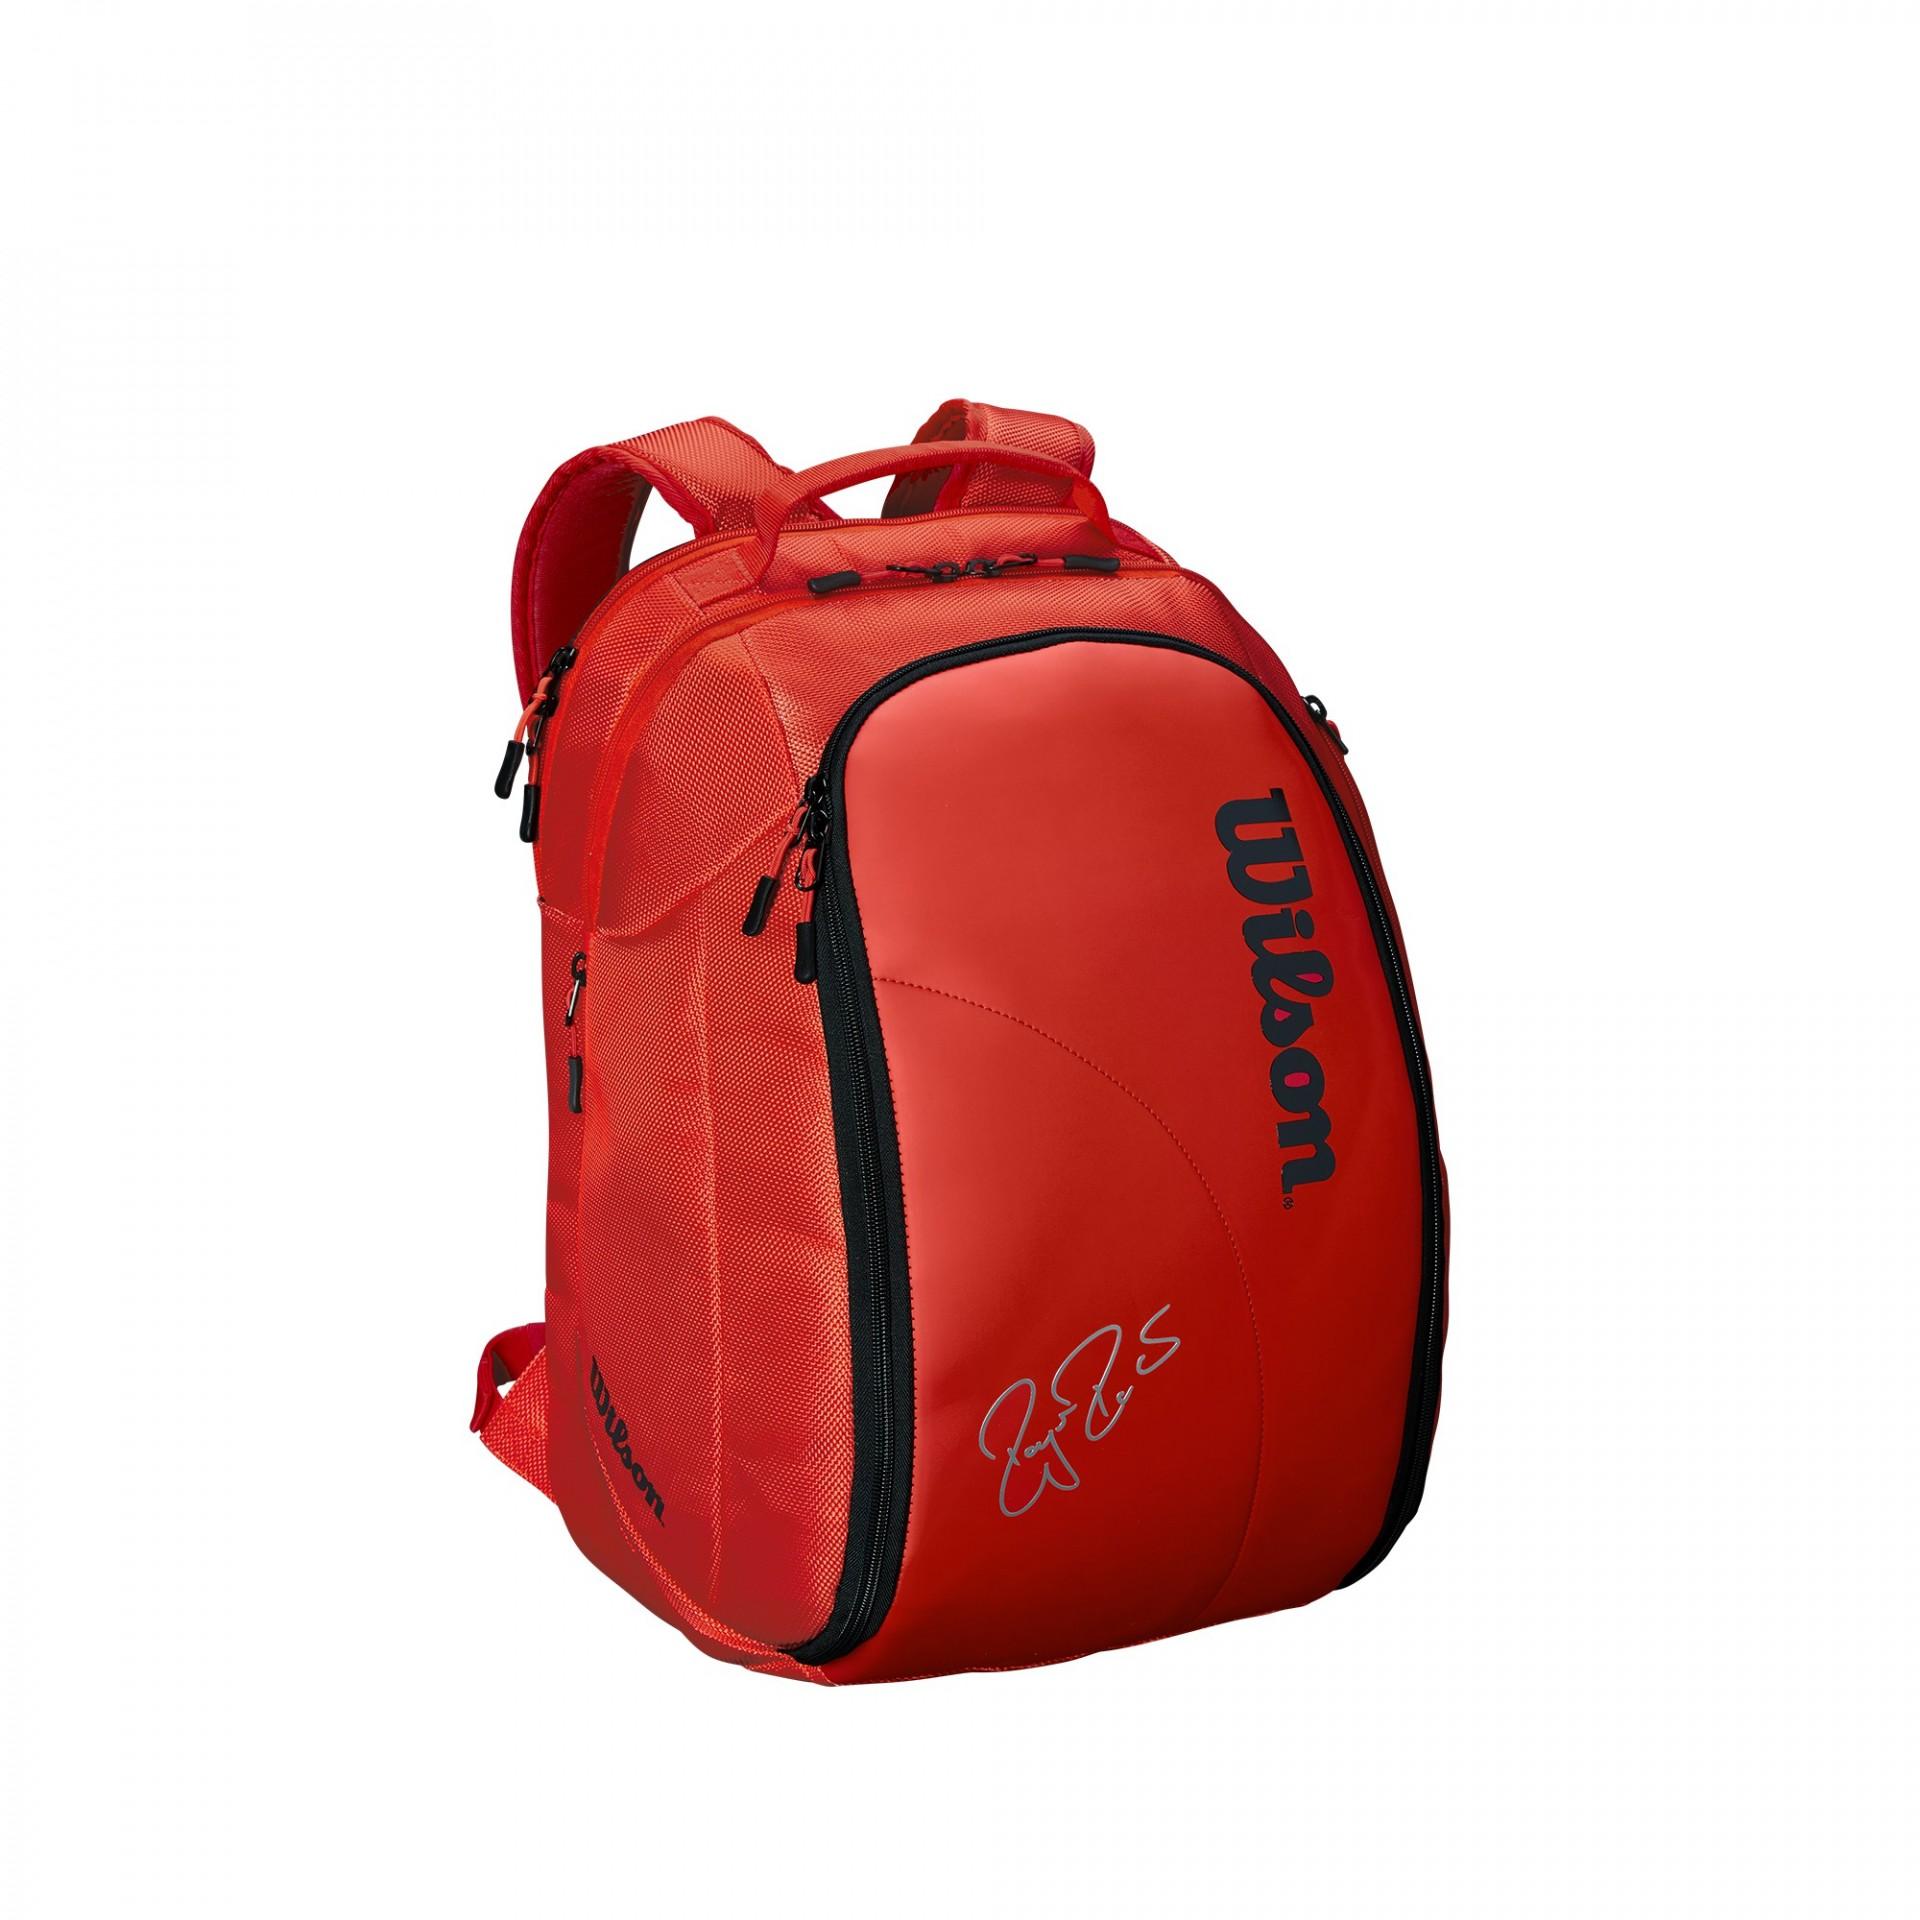 00e9639d46915 Rucksack Wilson Federer DNA backpack